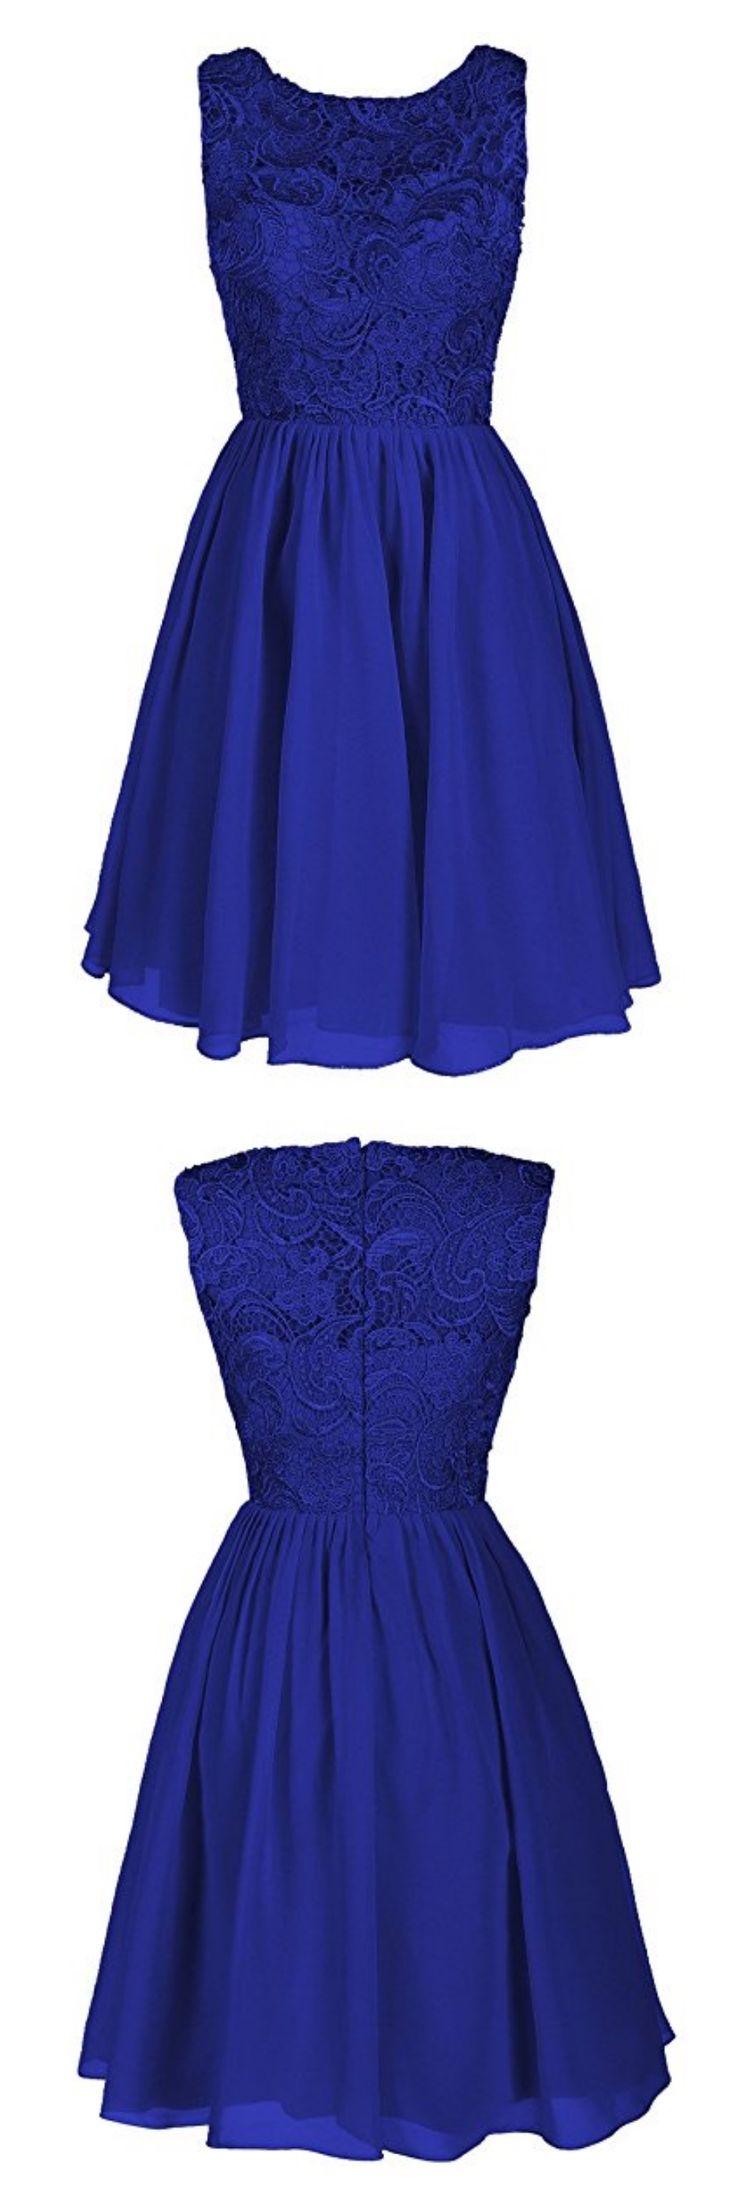 royal blue homecoming dresses, 2k17 homecoming dresses, lace homecoming dresses, homecoming dresses short, chiffon homecoming dresses, o-neck homecoming dresses, cocktail dresses, graduation dresses, party dresses,prom dresses #SIMIBridal #homecomingdresses